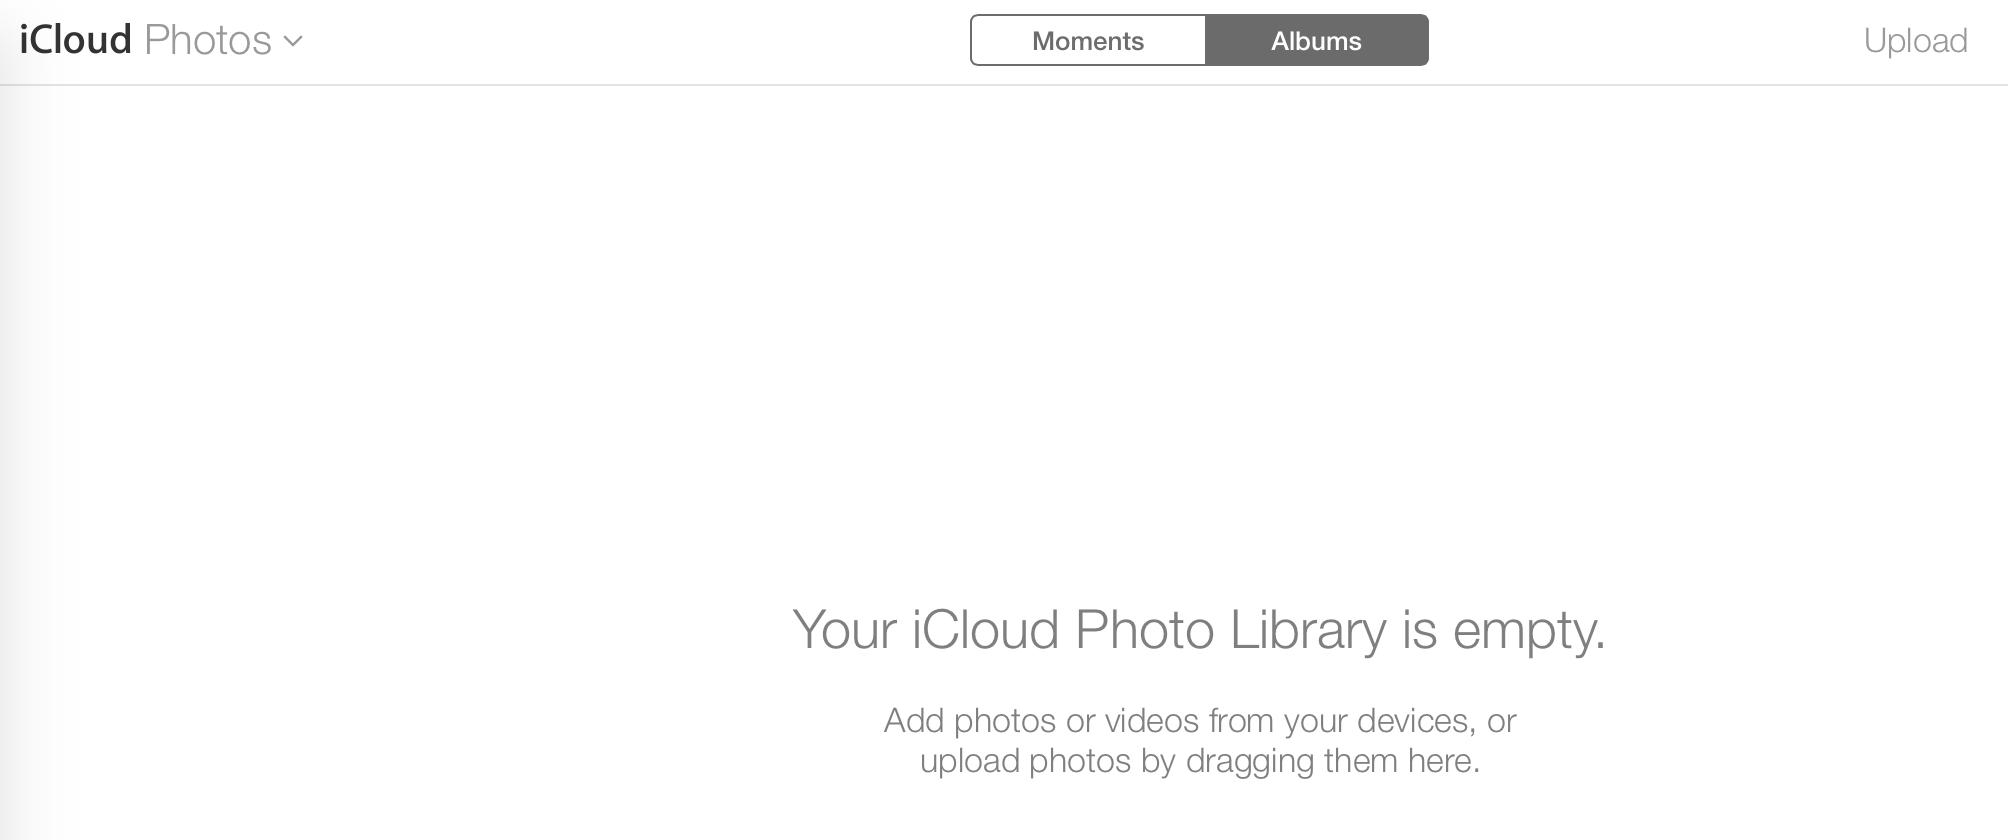 icloud photos upload